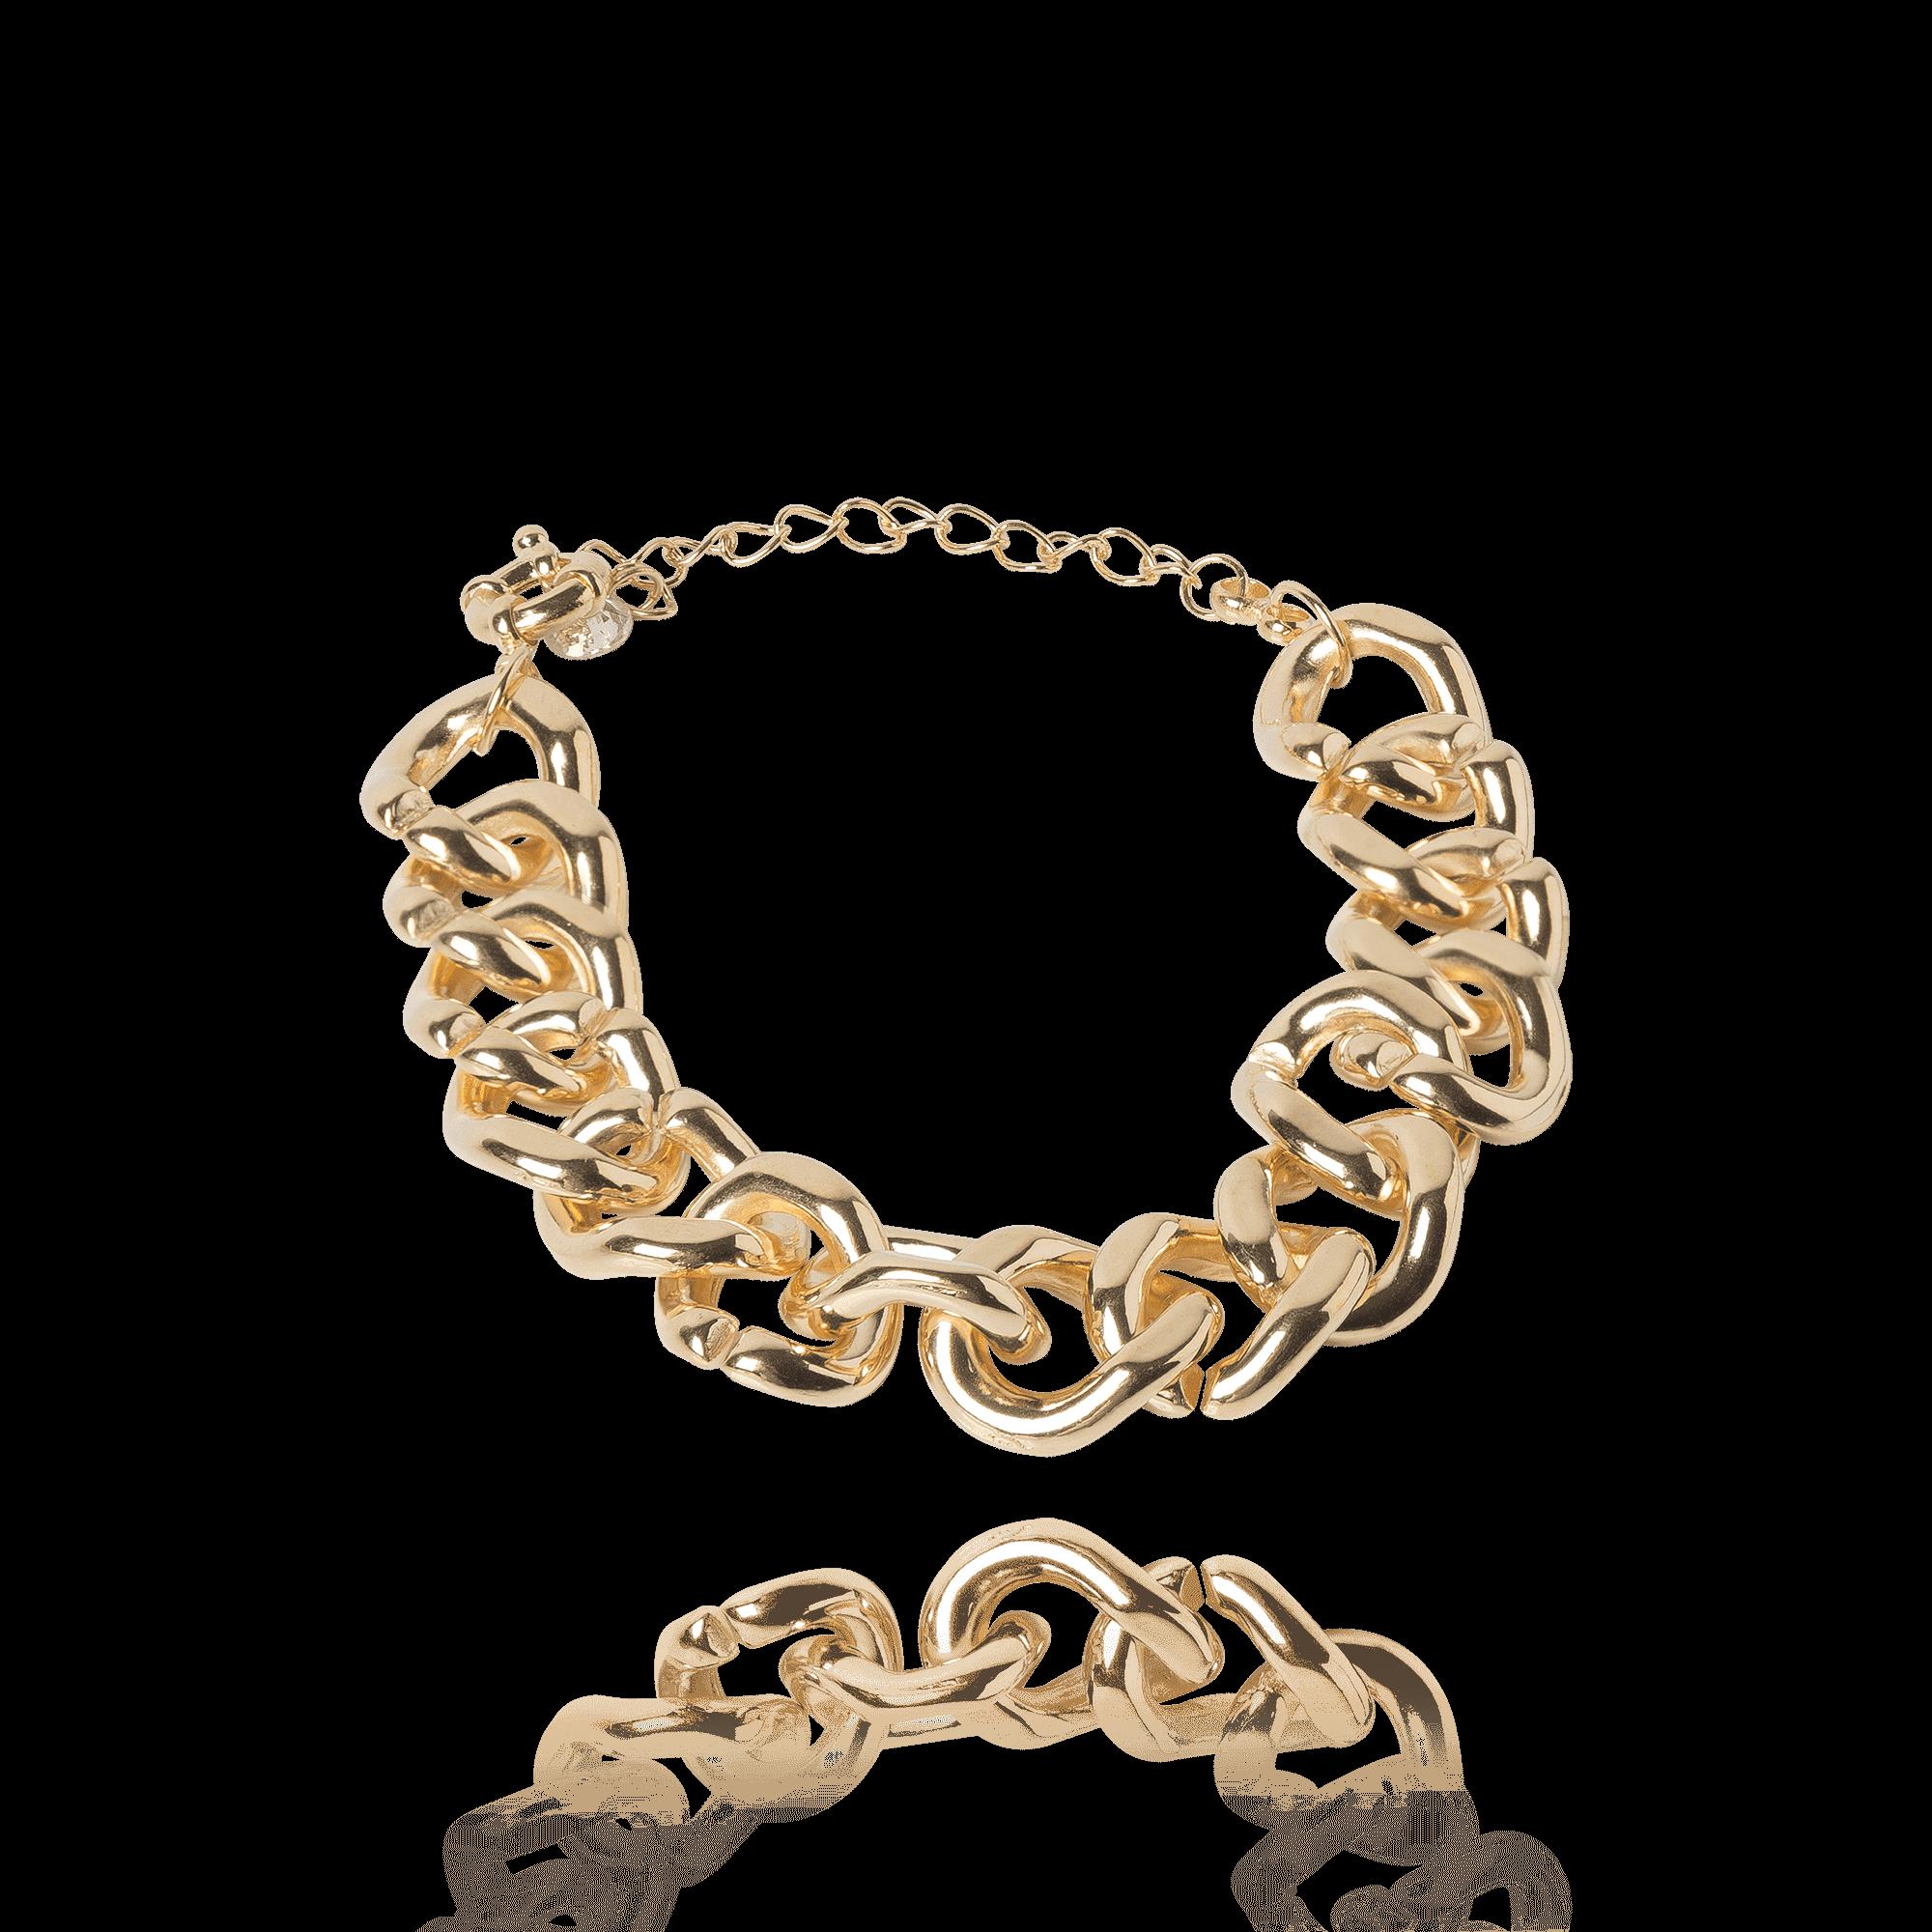 Pulseira Corrente Dourada inspiração Cartier